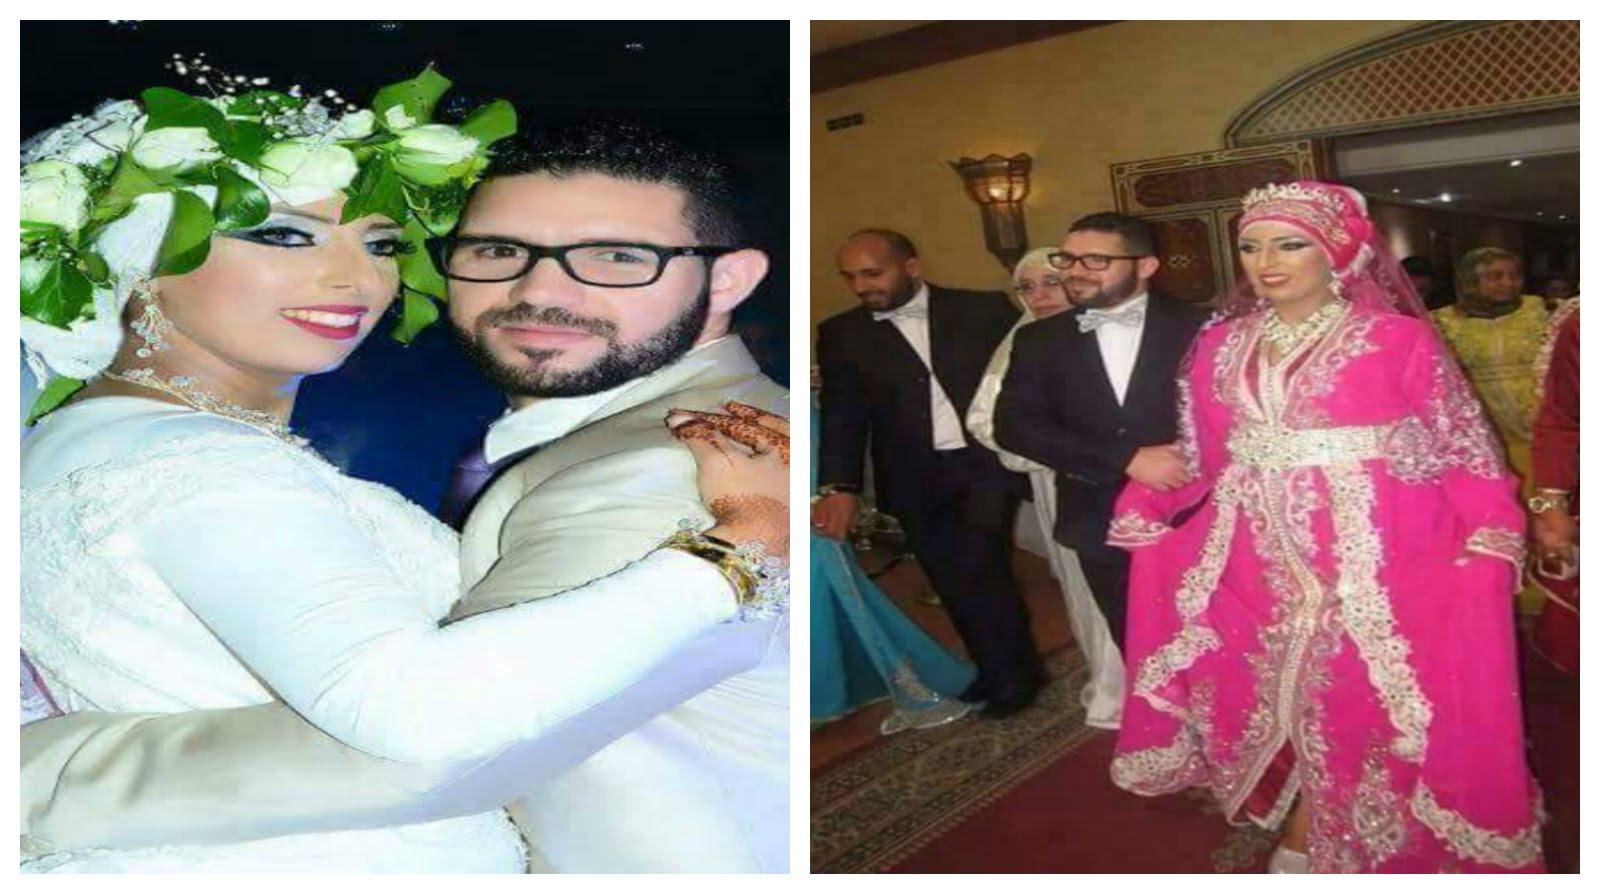 فضيحة برنامج لالة لعروسة : صور عرس كوبل مدينة مكناس محمد و صفاء